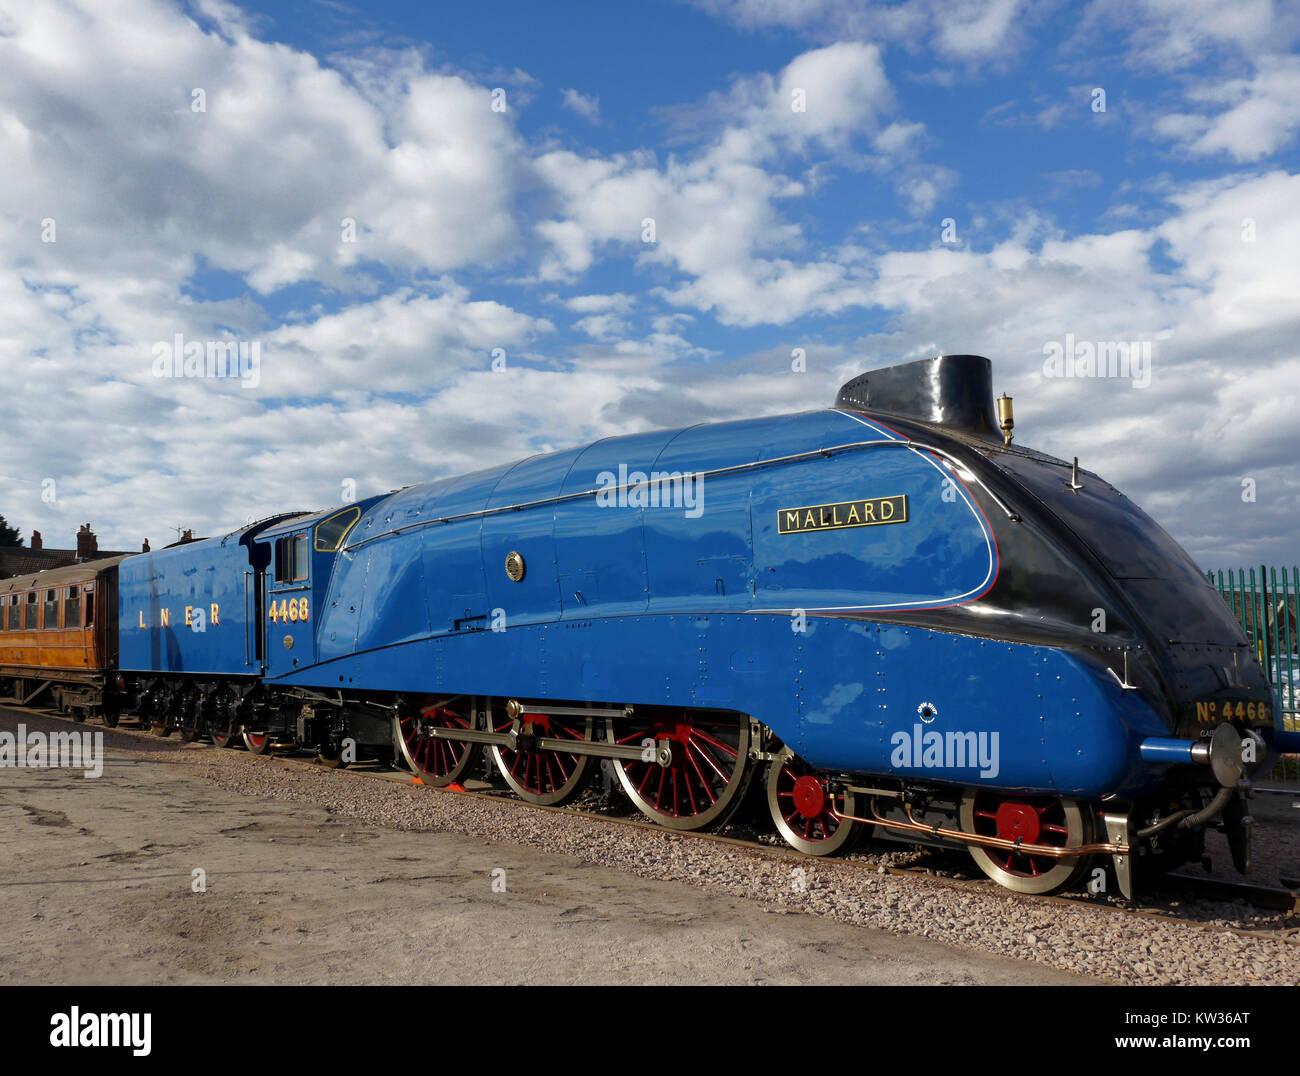 Mallard un La4 Pacific Class Locomotive, titulaire de le record du monde de vitesse pour une locomotive à vapeur. Photo Stock